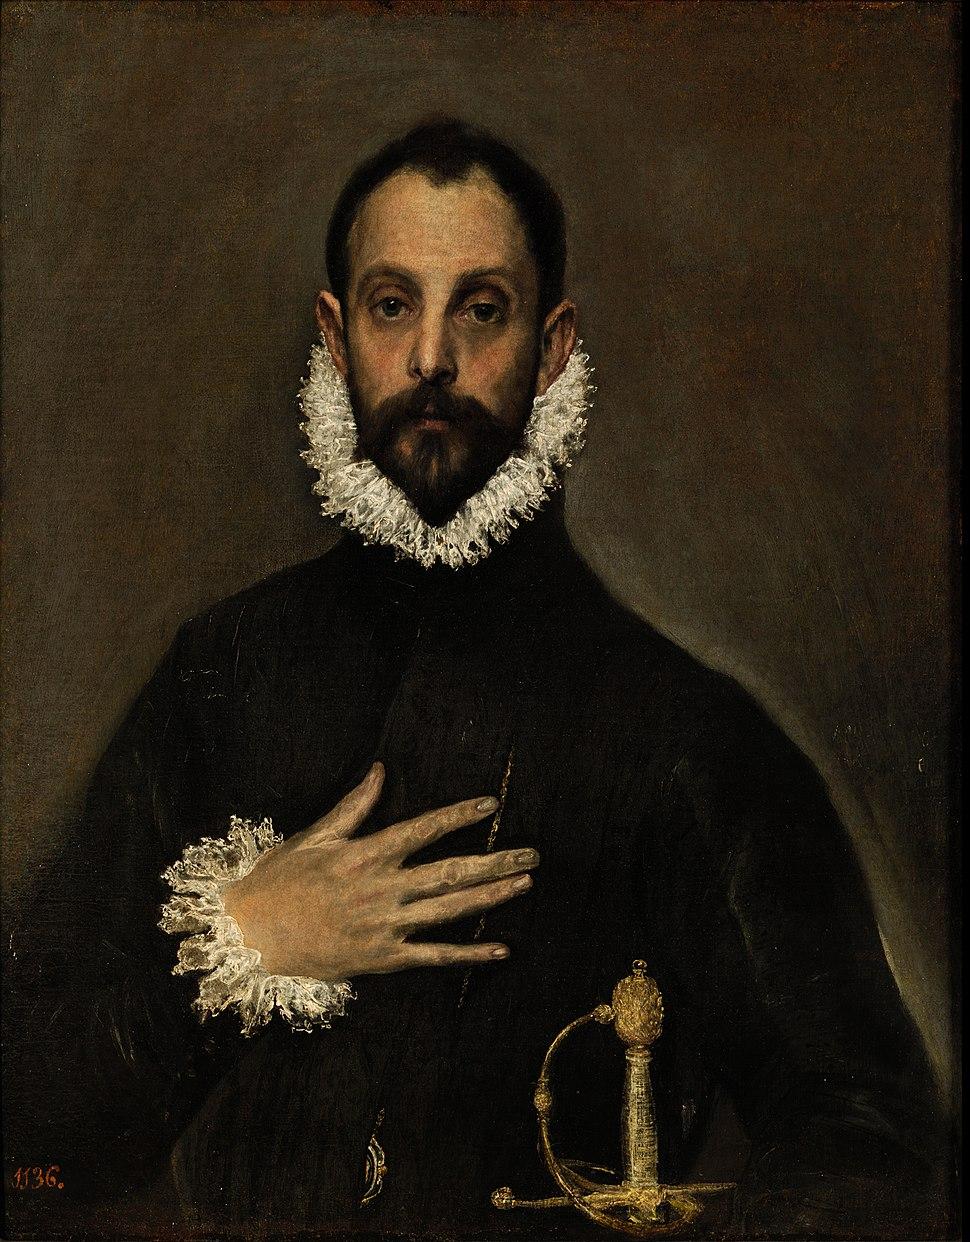 El caballero de la mano en el pecho, by El Greco, from Prado in Google Earth